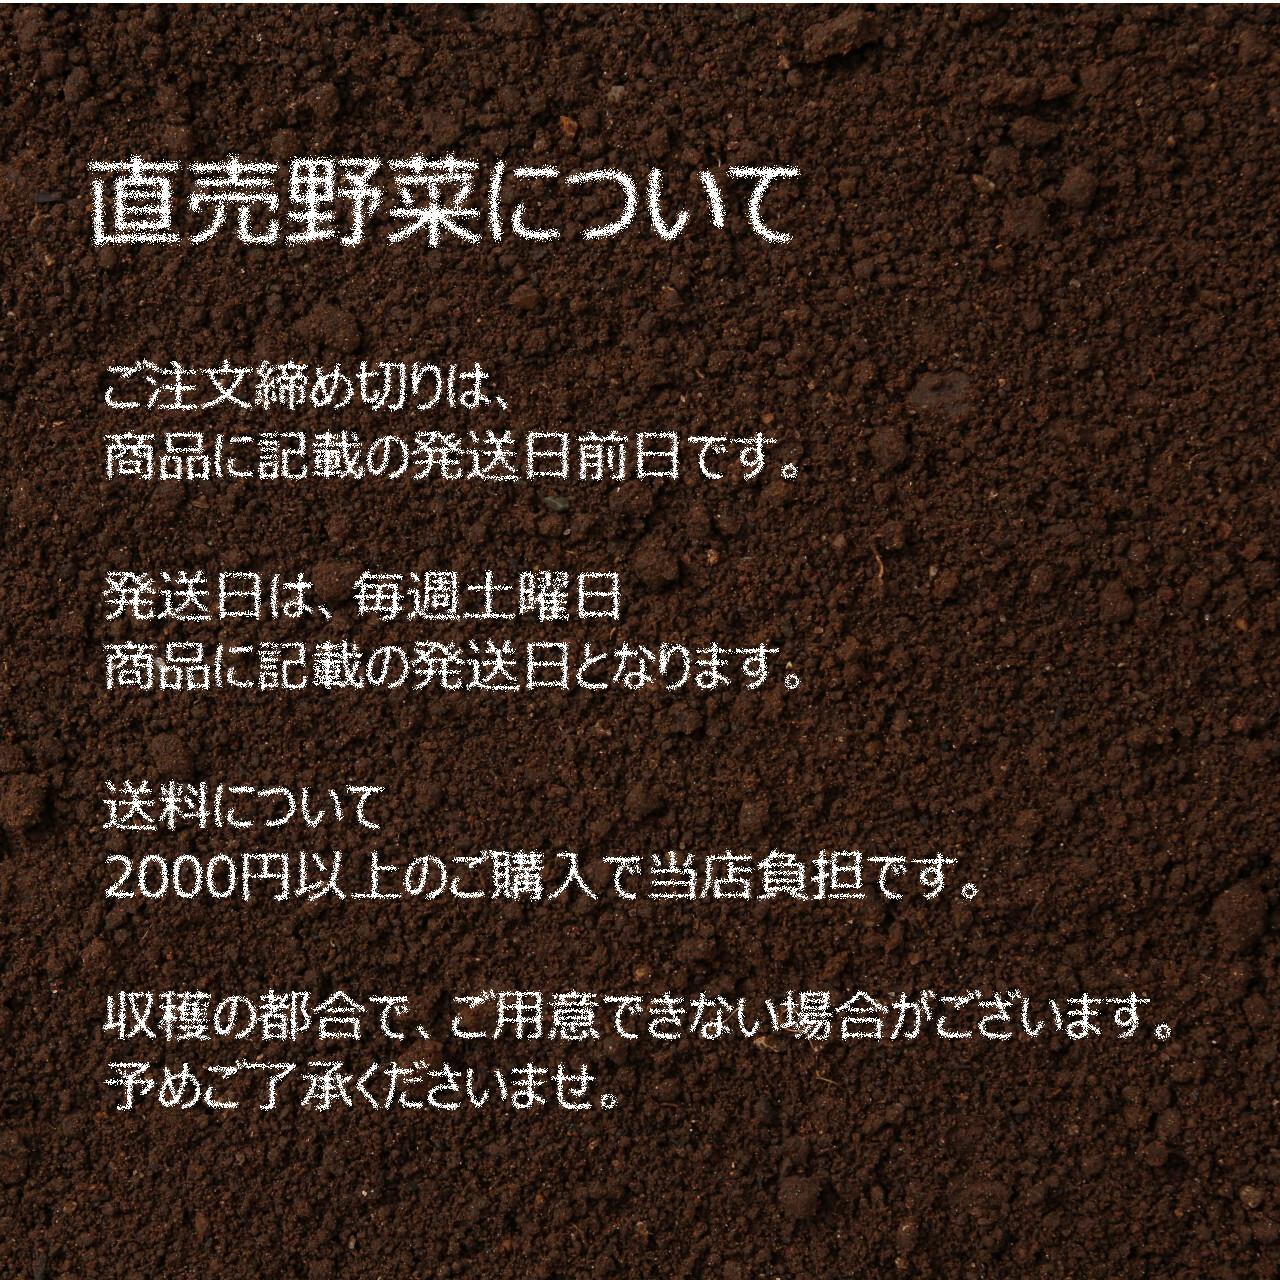 インゲン 約200g  朝採り直売野菜 : 7月の新鮮野菜  7月11日発送予定